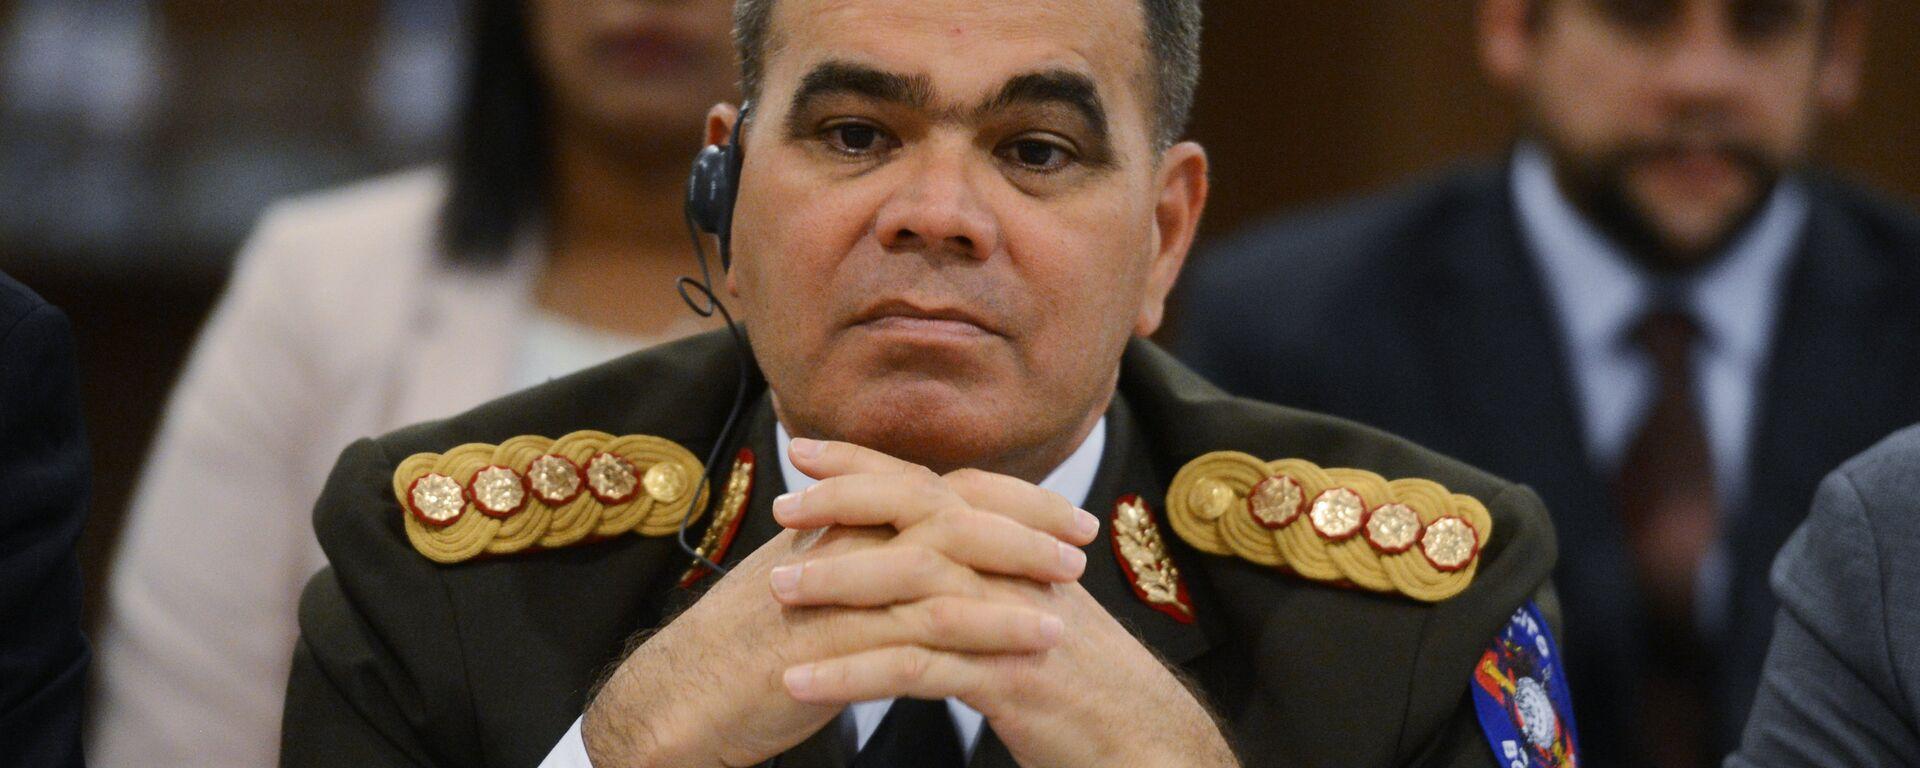 Vladimir Padrino López, ministro de Defensa de Venezuela - Sputnik Mundo, 1920, 13.09.2021